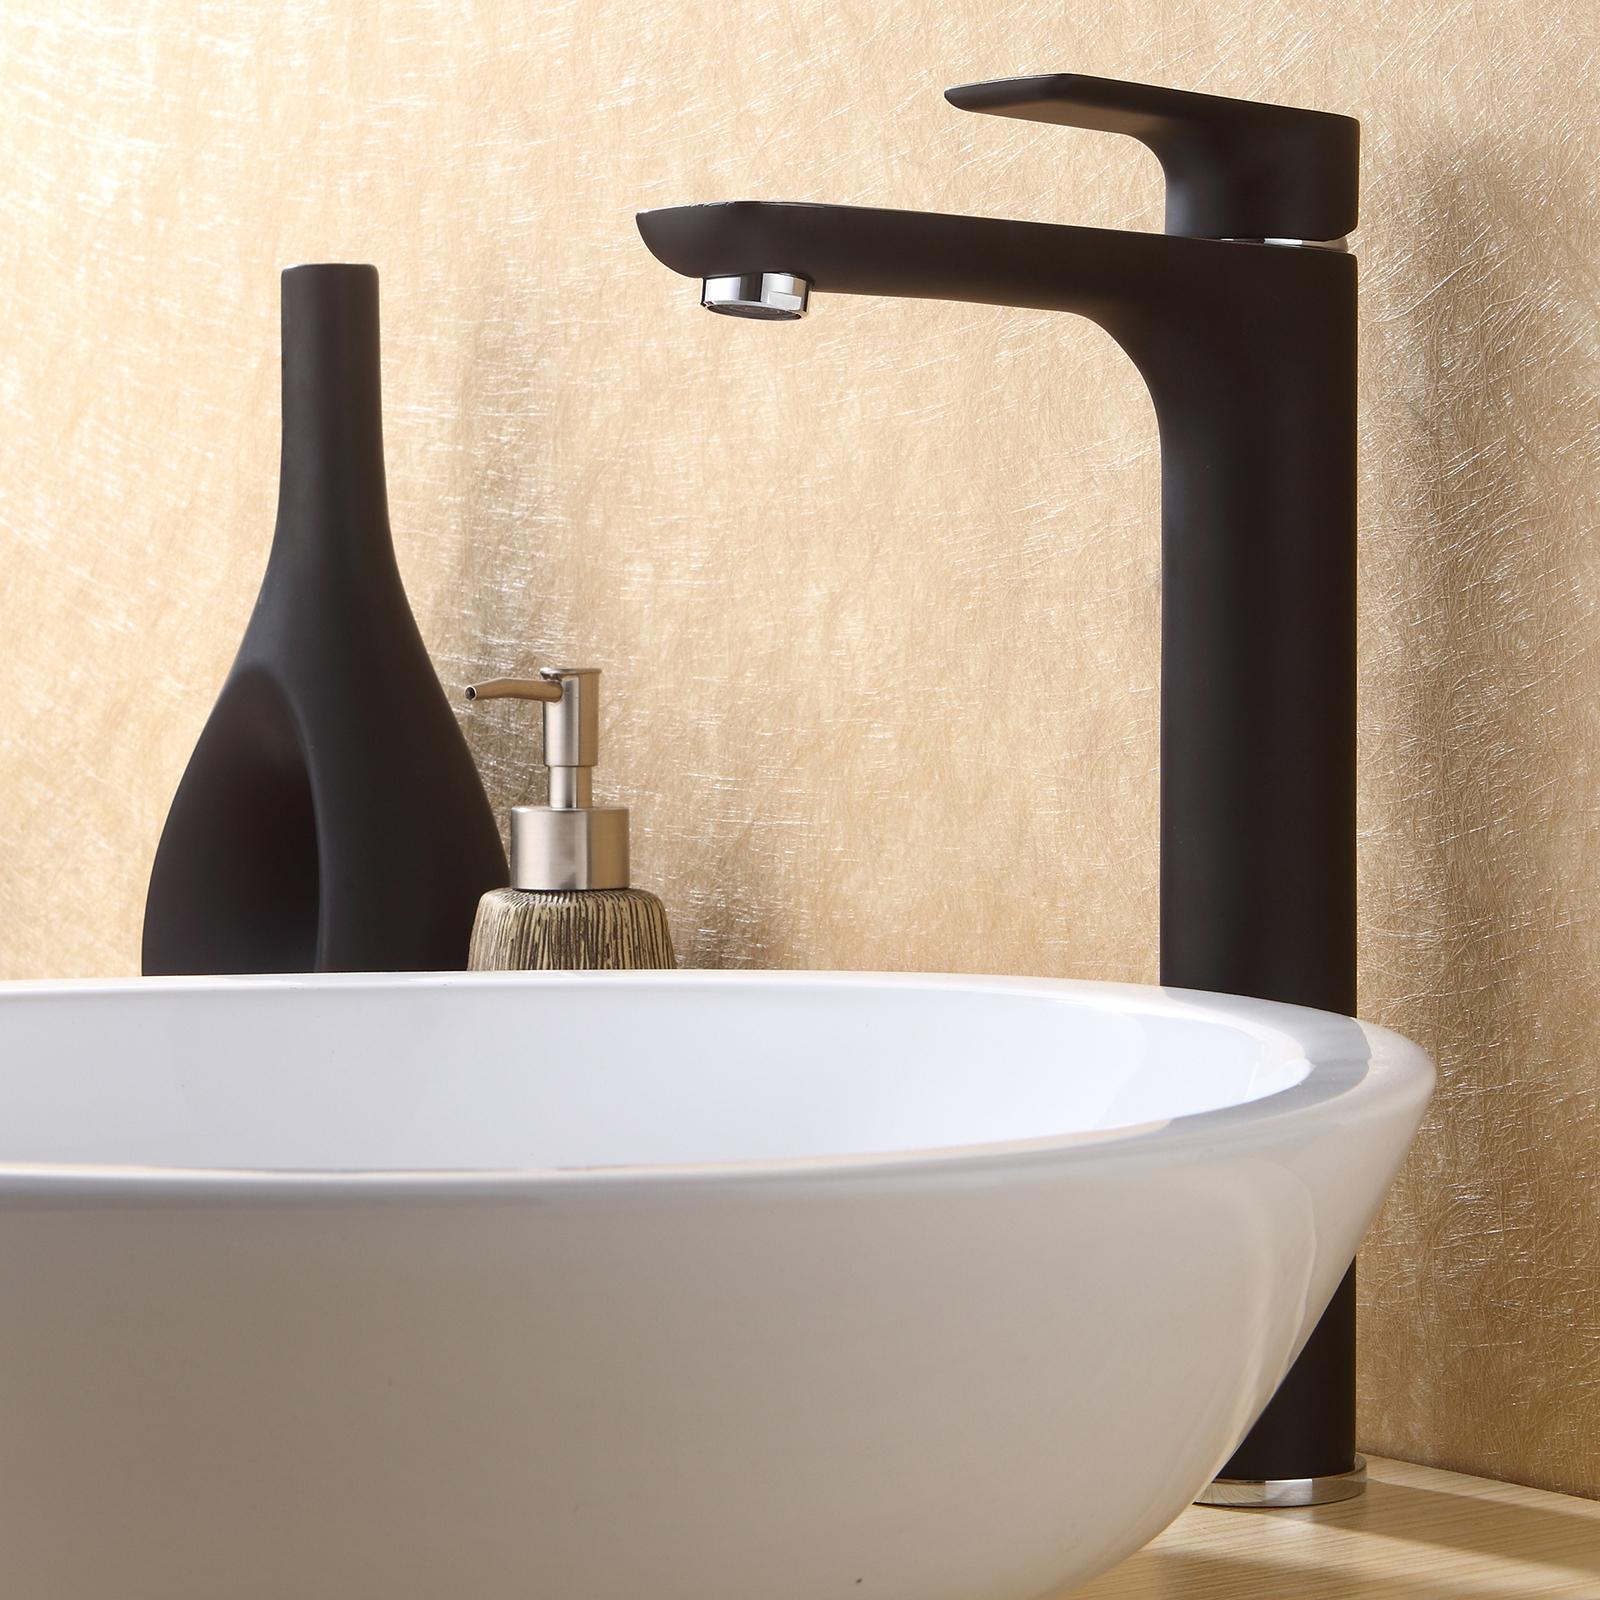 Robinet mitigeur pour salle de bain 4025cb noir mat le - Robinet noir salle de bain ...